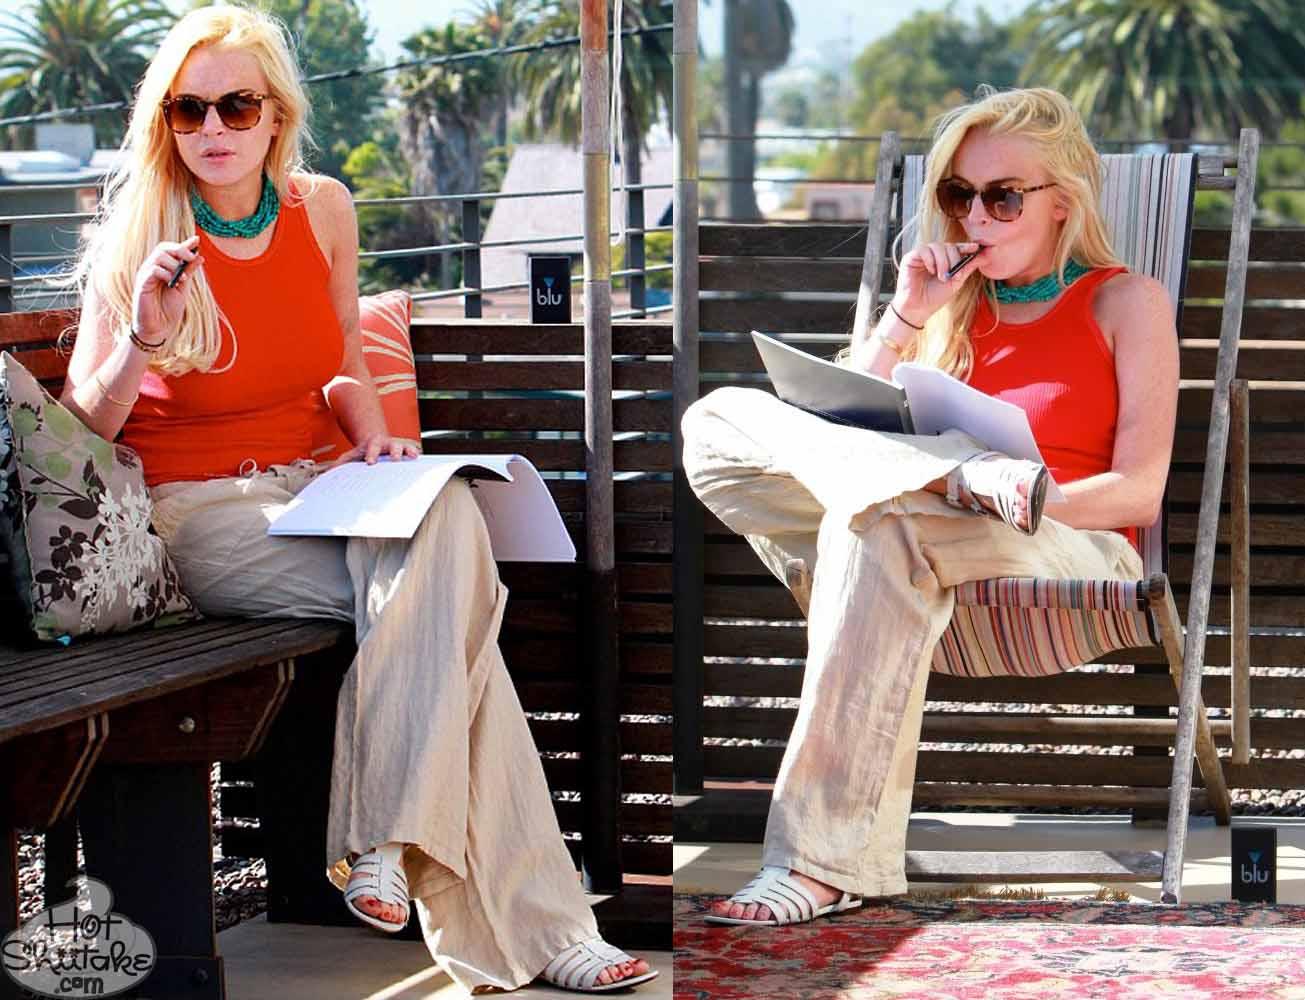 Lindsay Lohan House Arrest